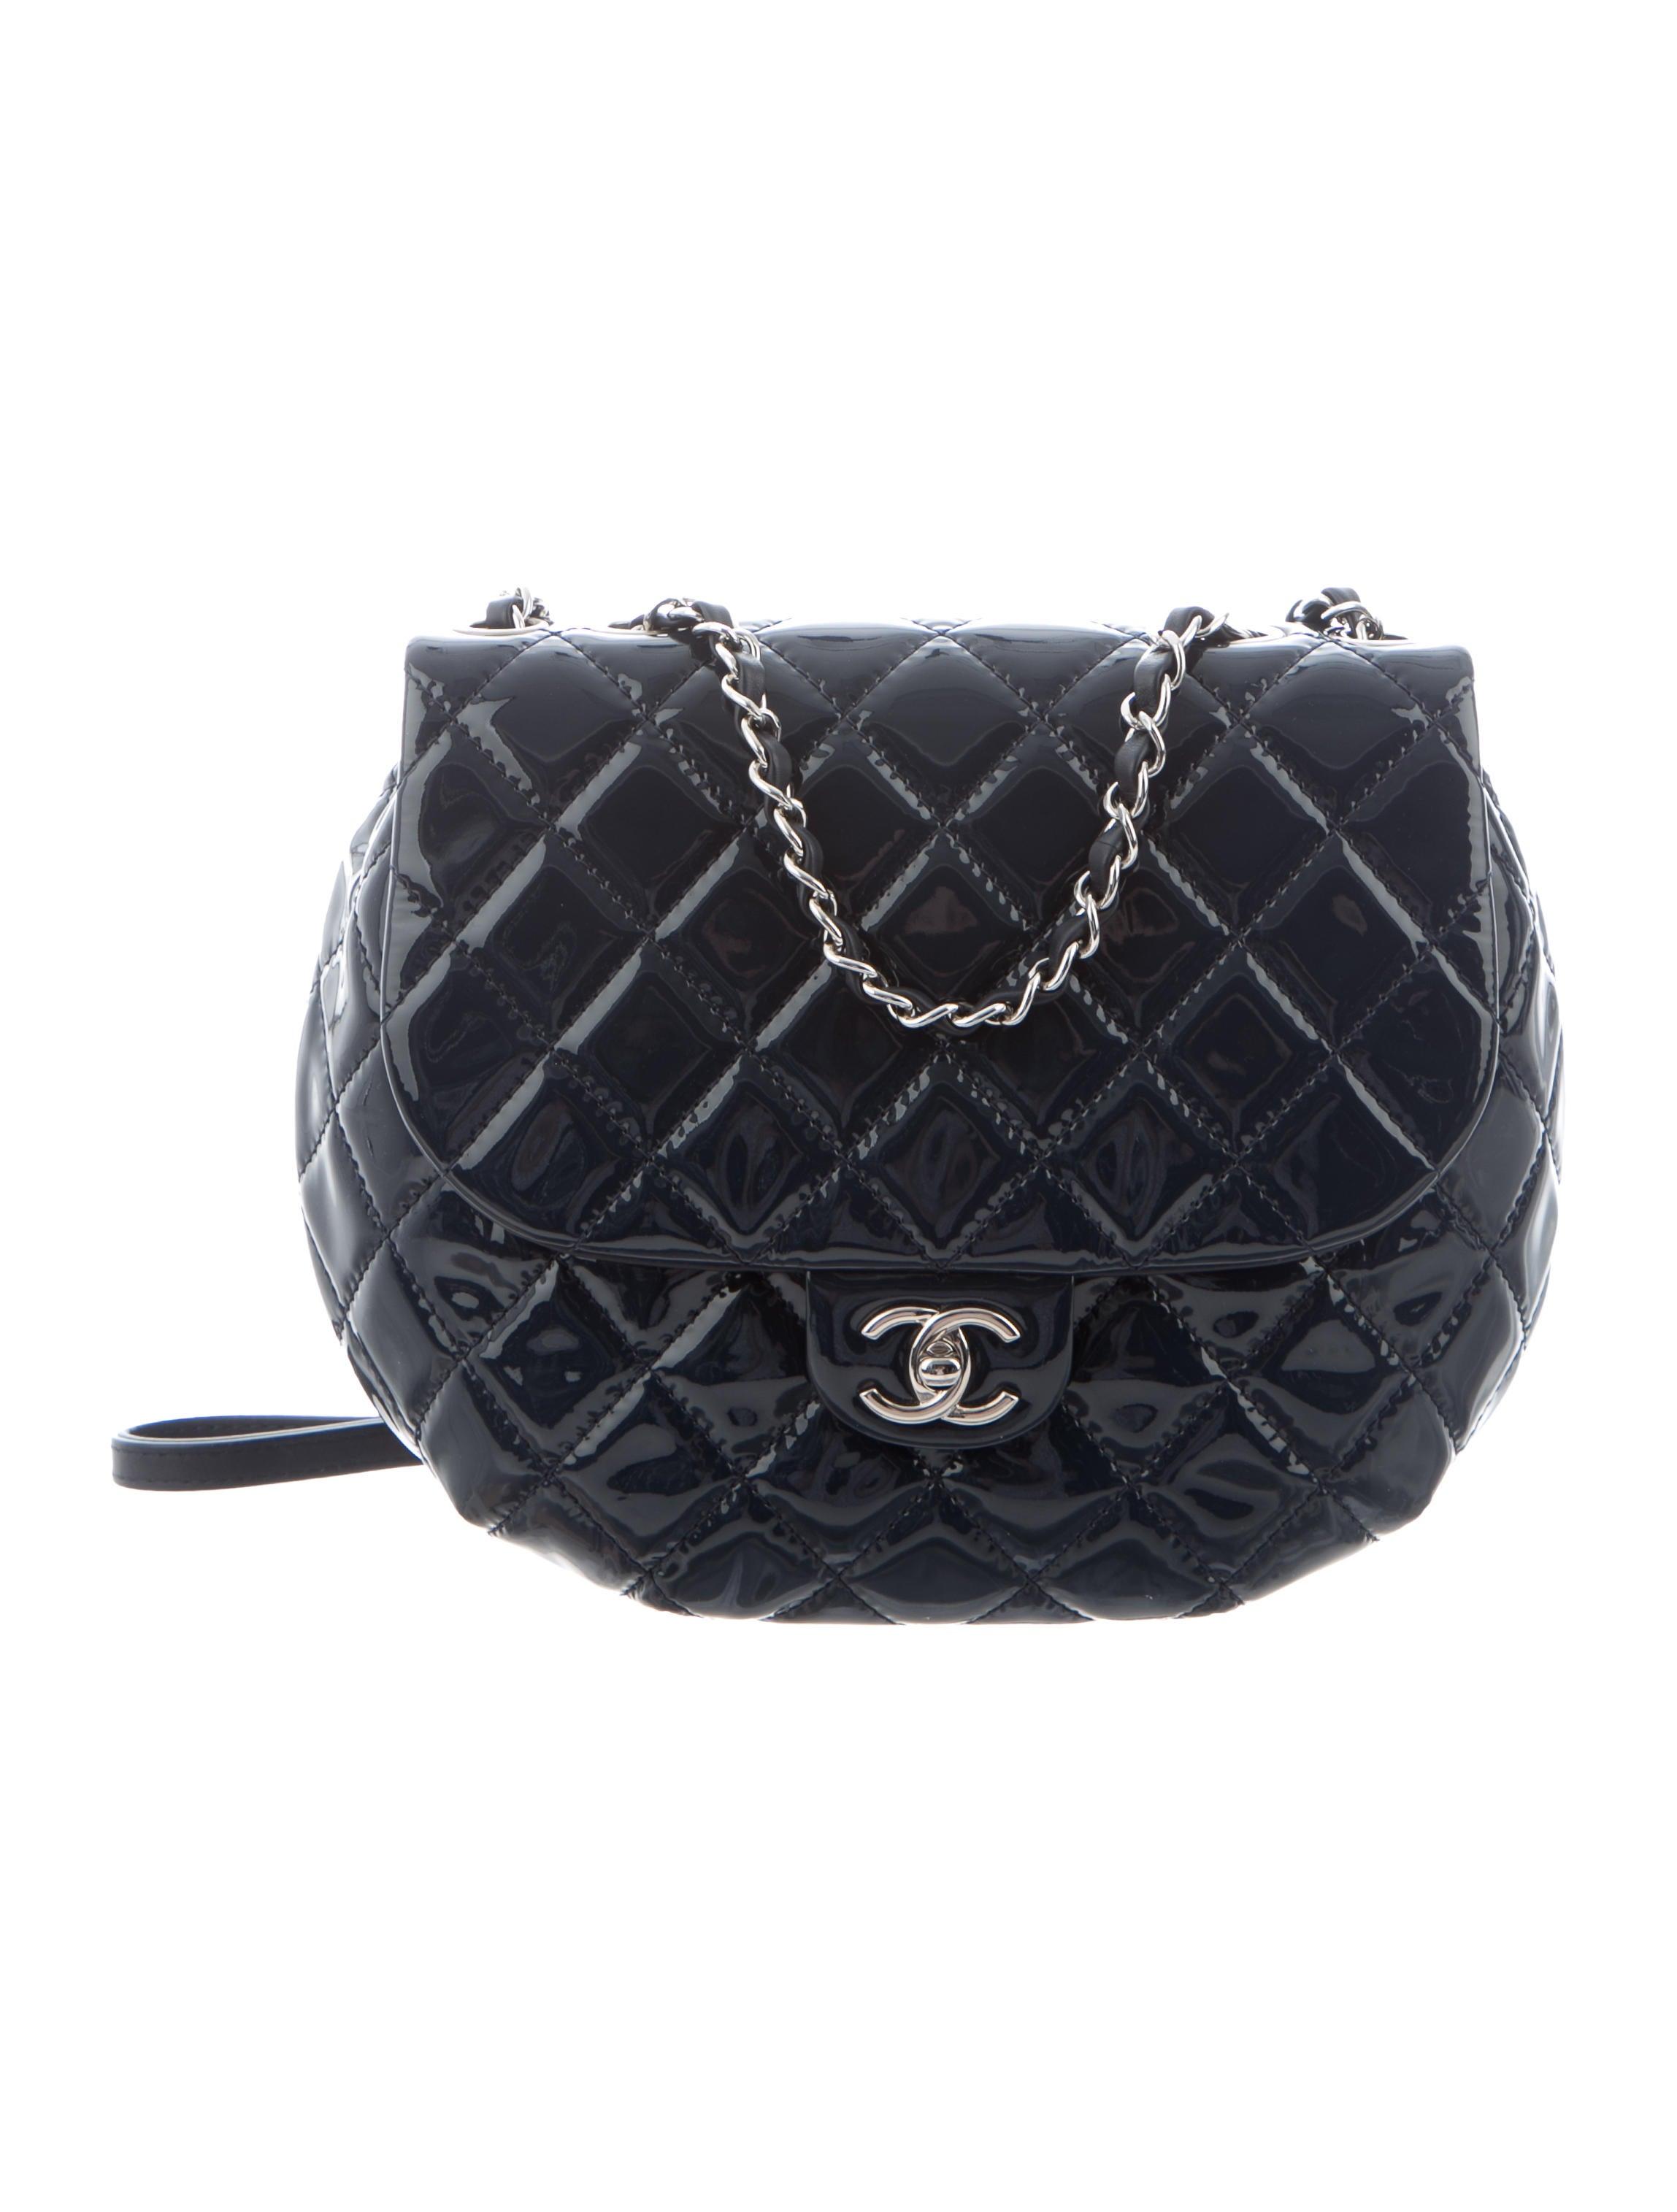 1497d0a102 Handbags | The RealReal